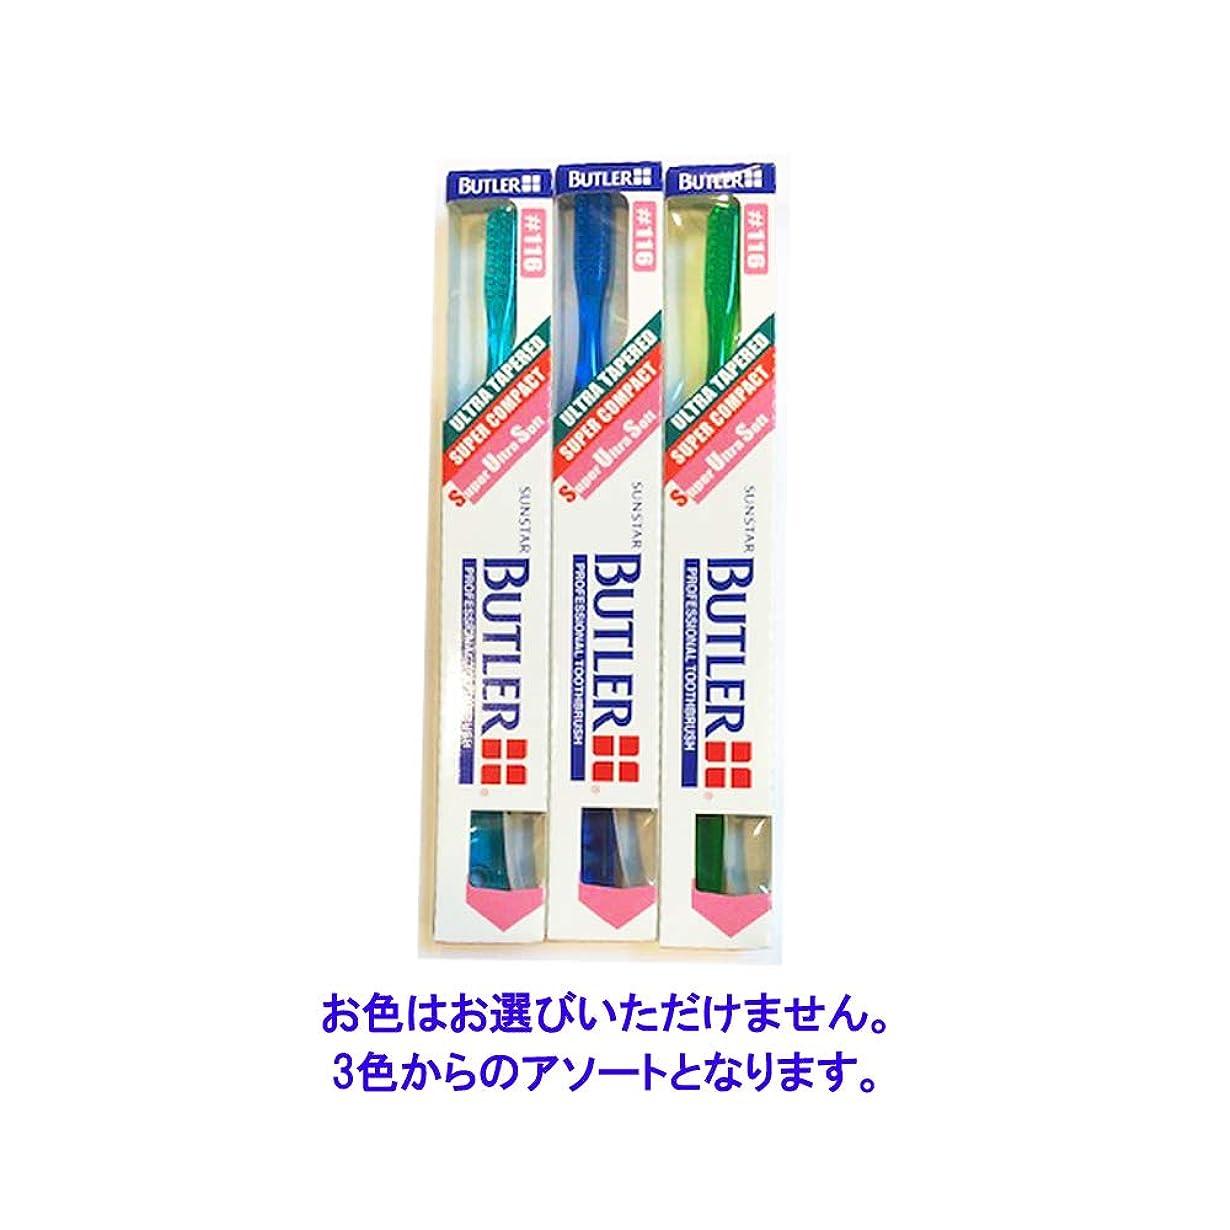 監督する新鮮な合唱団バトラー歯ブラシ #116 スーパーウルトラソフト スーパーコンパクトヘッド 1本